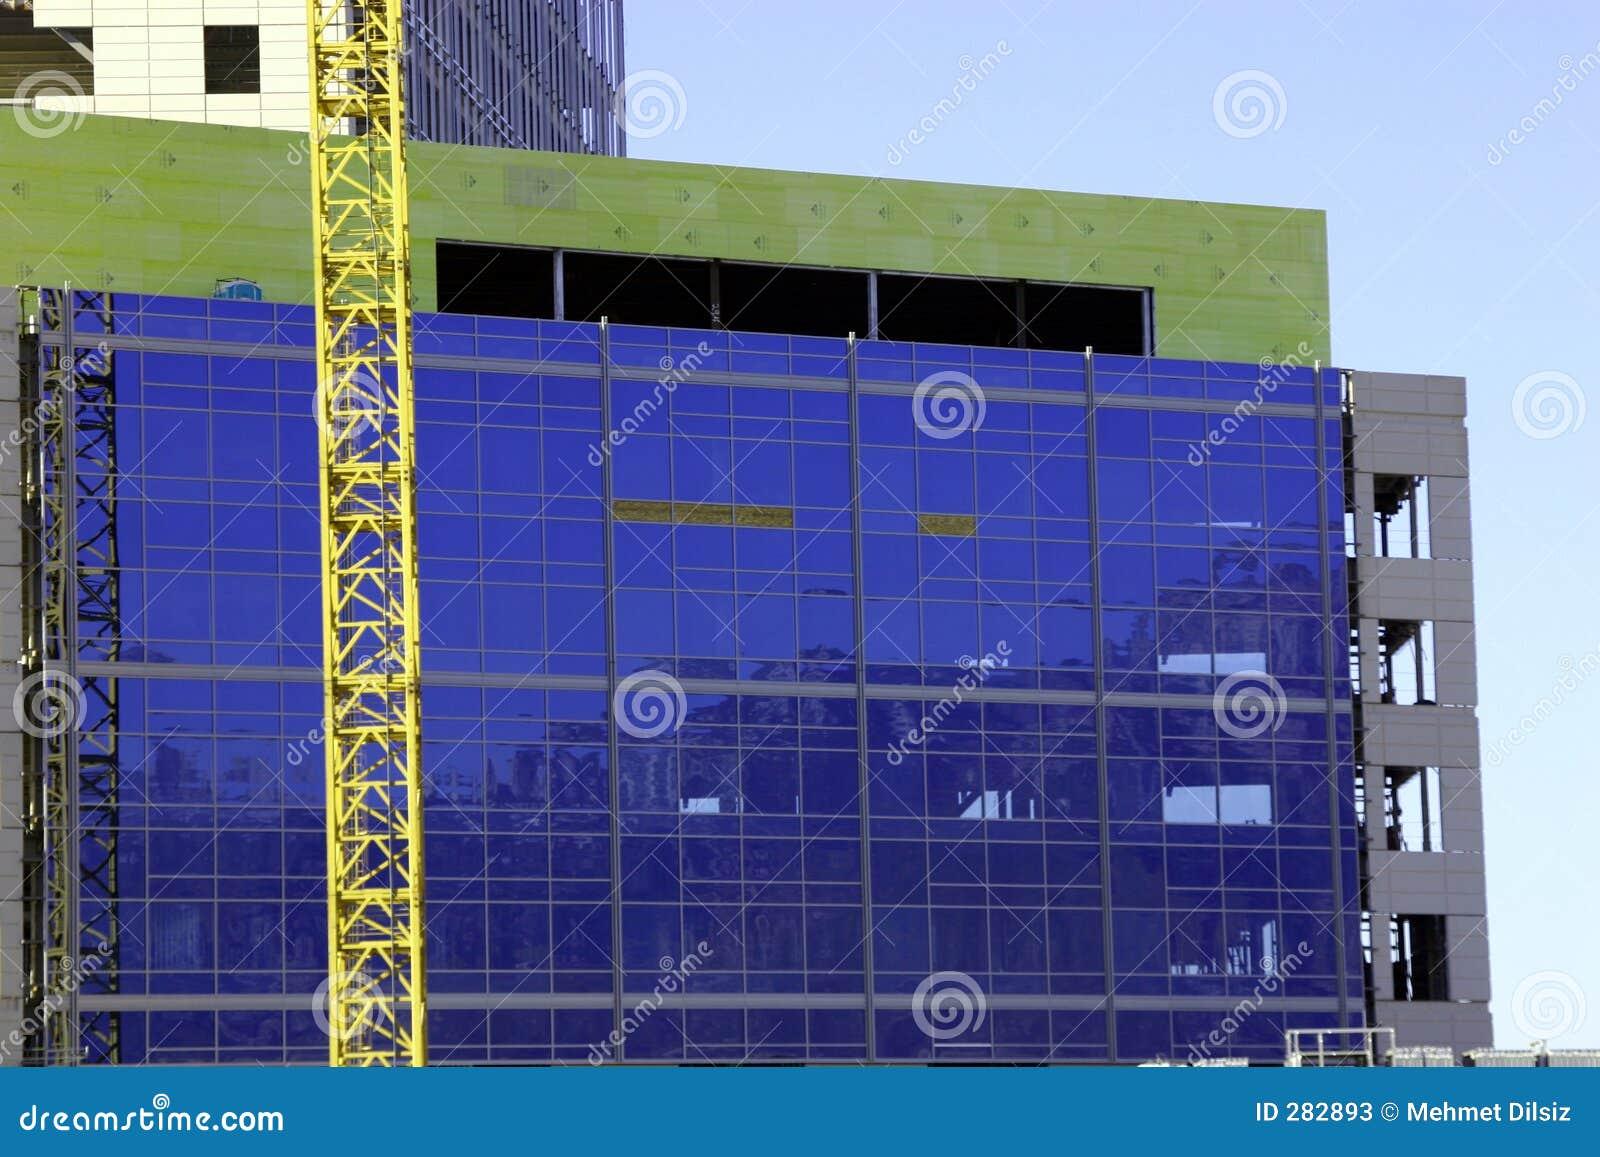 Lokal för kran för byggnadskonstruktion